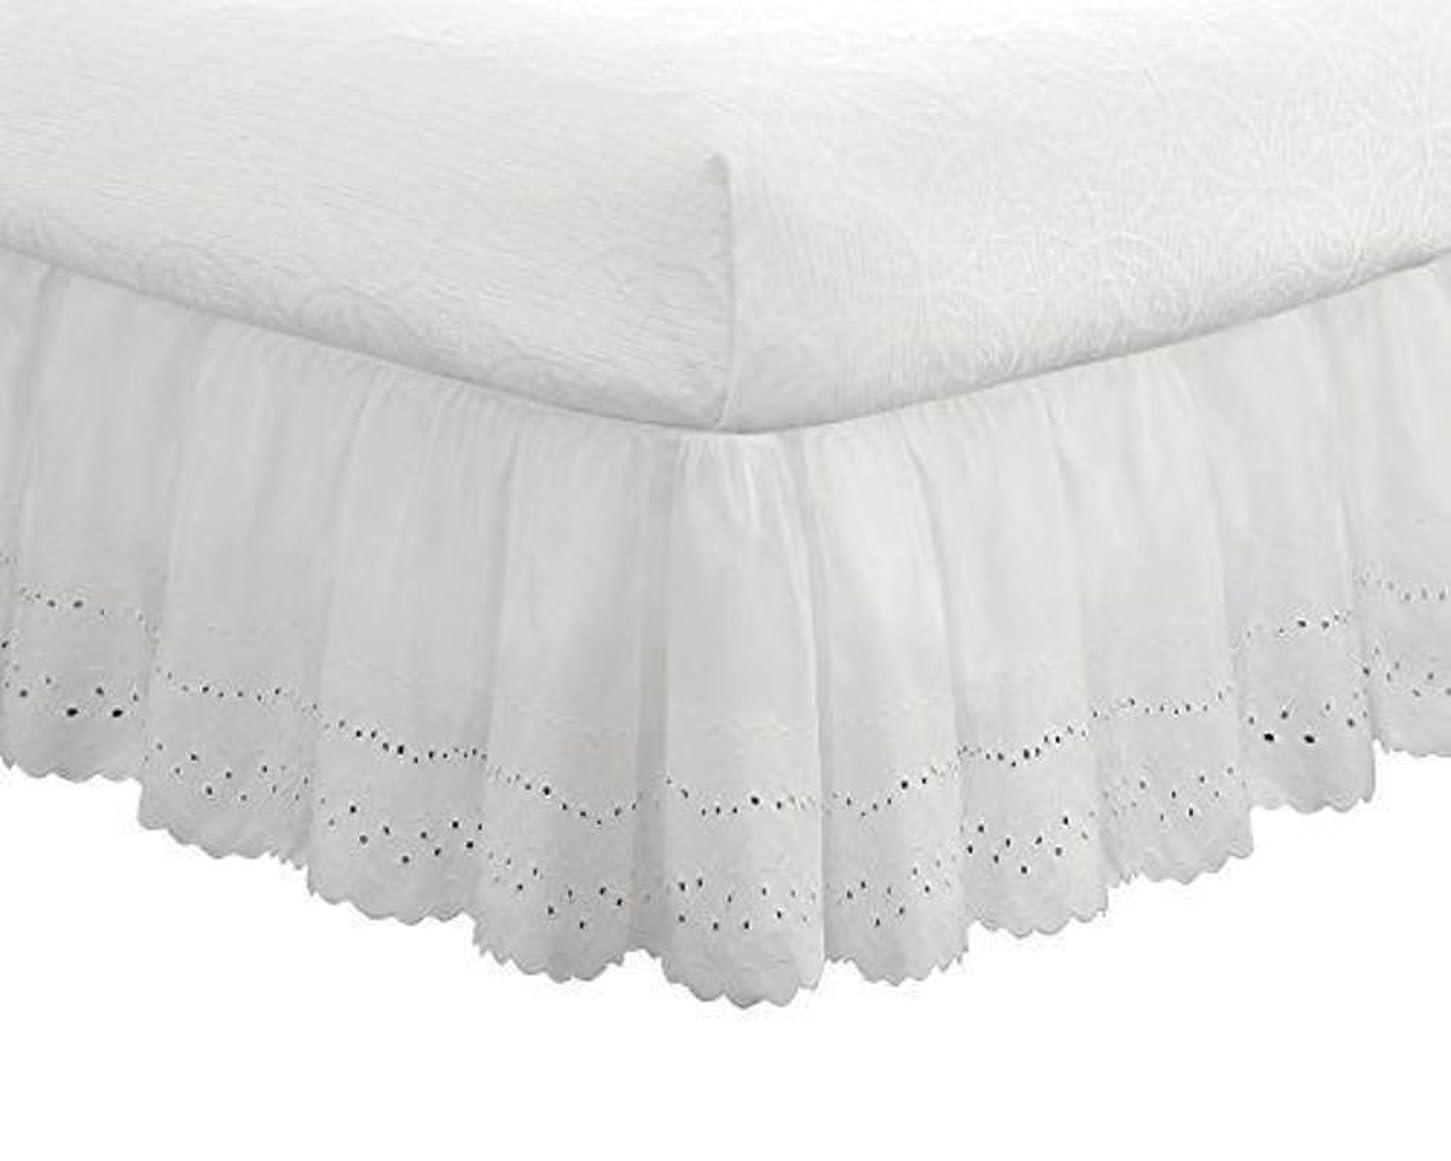 キウイ起きてスティック刺繍のベッド スカート,弾性 ポリエステル ベッドの周りをラップ 1 ベッドスカート, 耐フェード しわ 簡単なケア ベッドスカート- 200x220x38cm